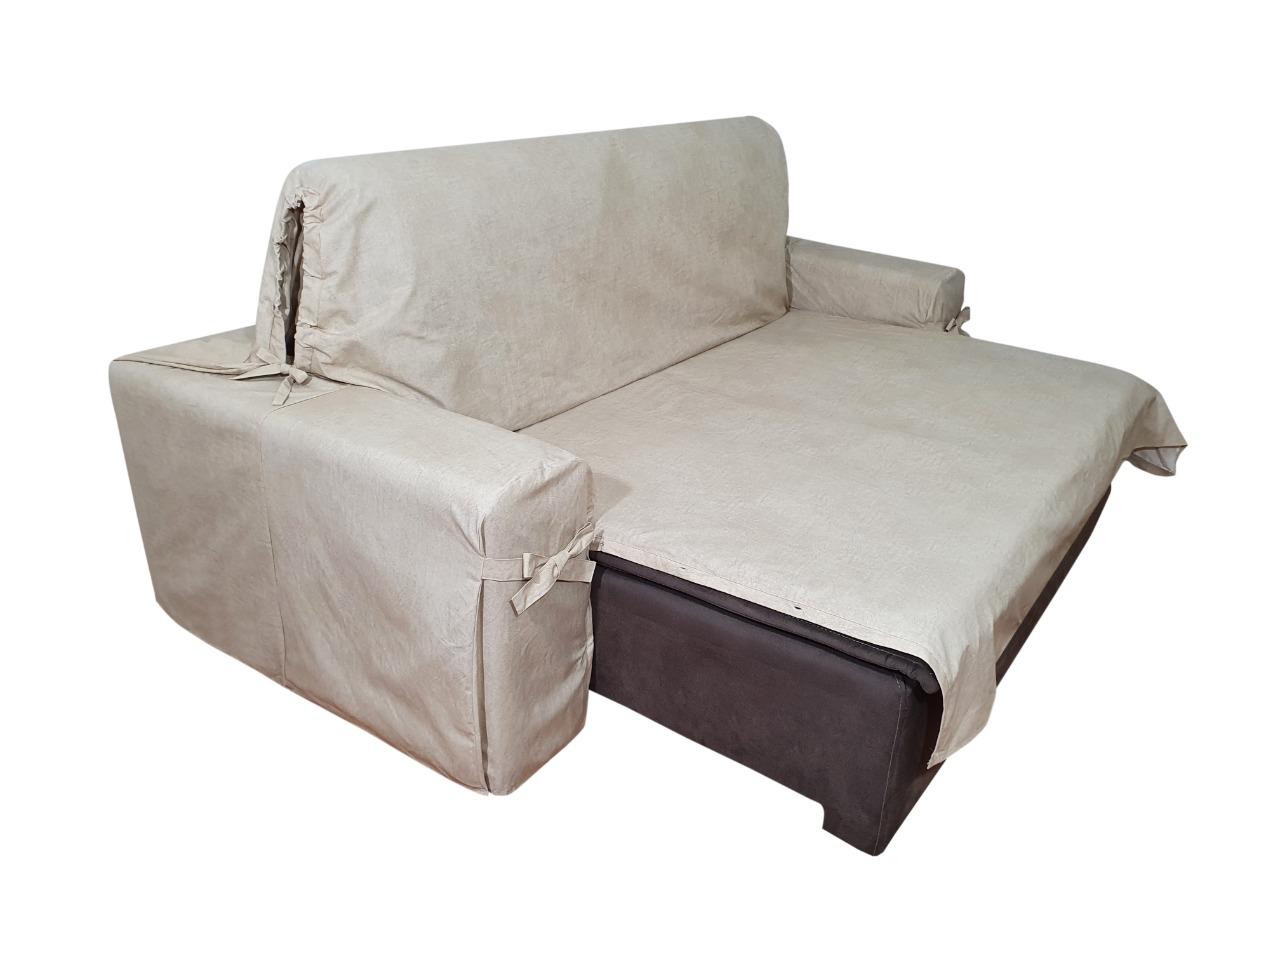 Capa p/ Sofá Retrátil e Reclinável em Acquablock Impermeável BEGE -  Veste sofás de 1,96m até 2,35m